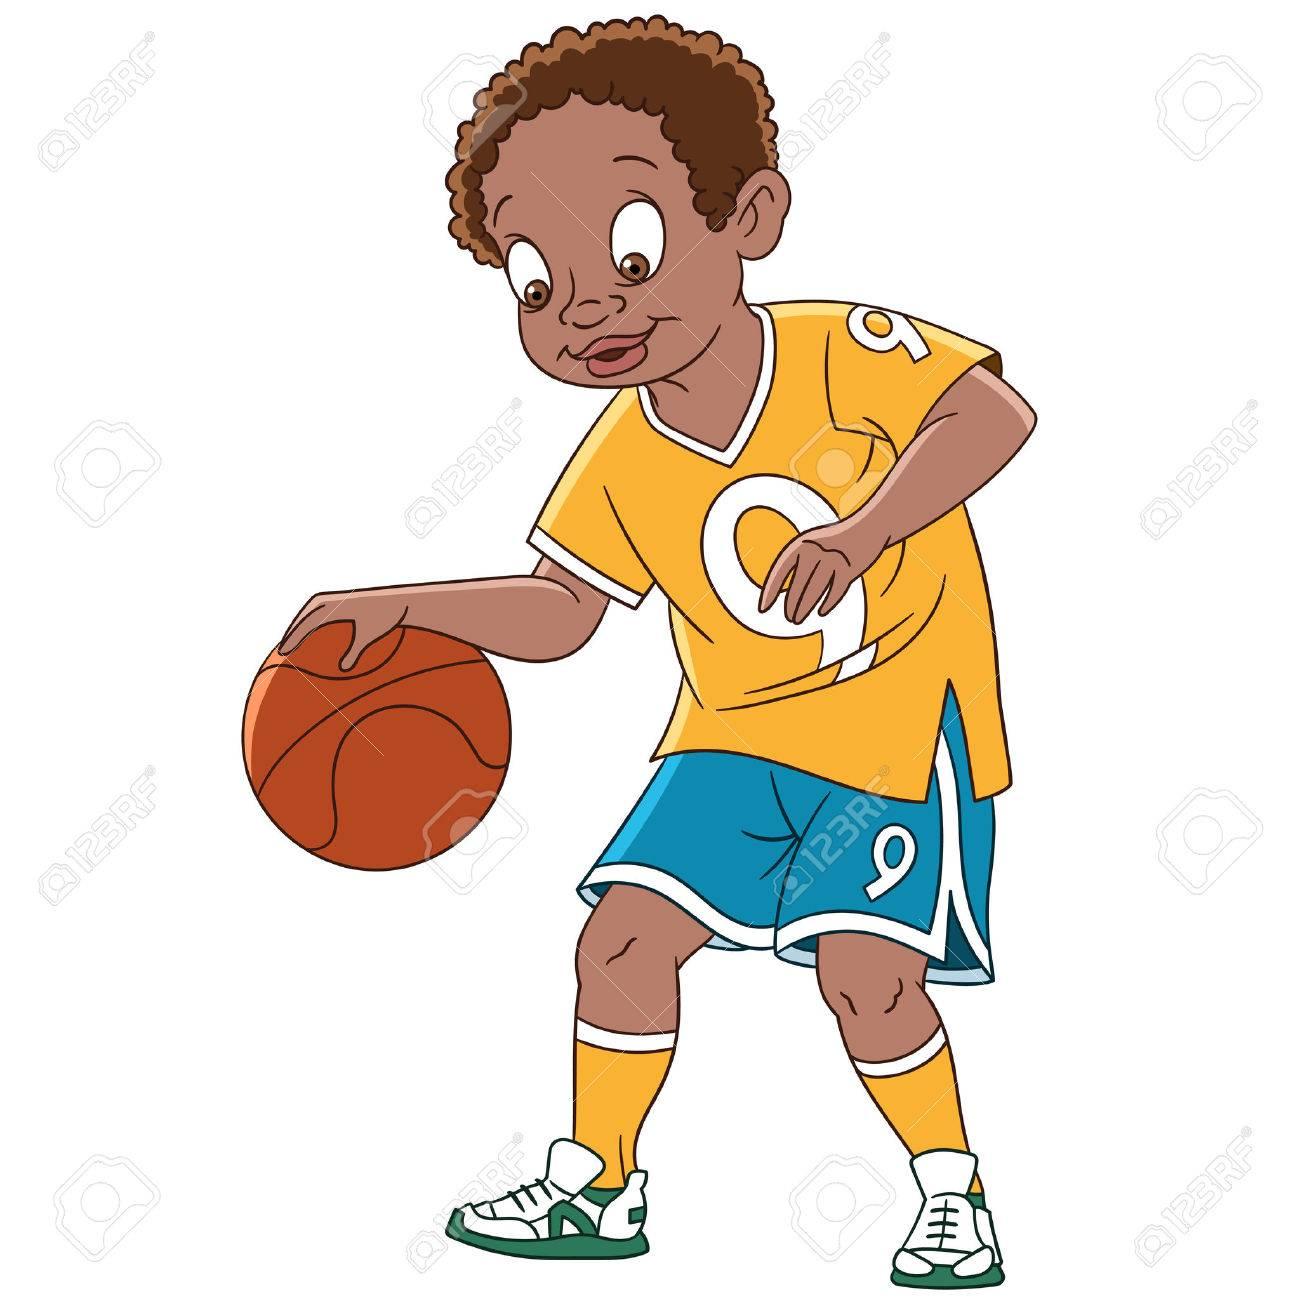 Baloncesto Que Juega Niño De Dibujos Animados Lindo Y Feliz, Aislado ...